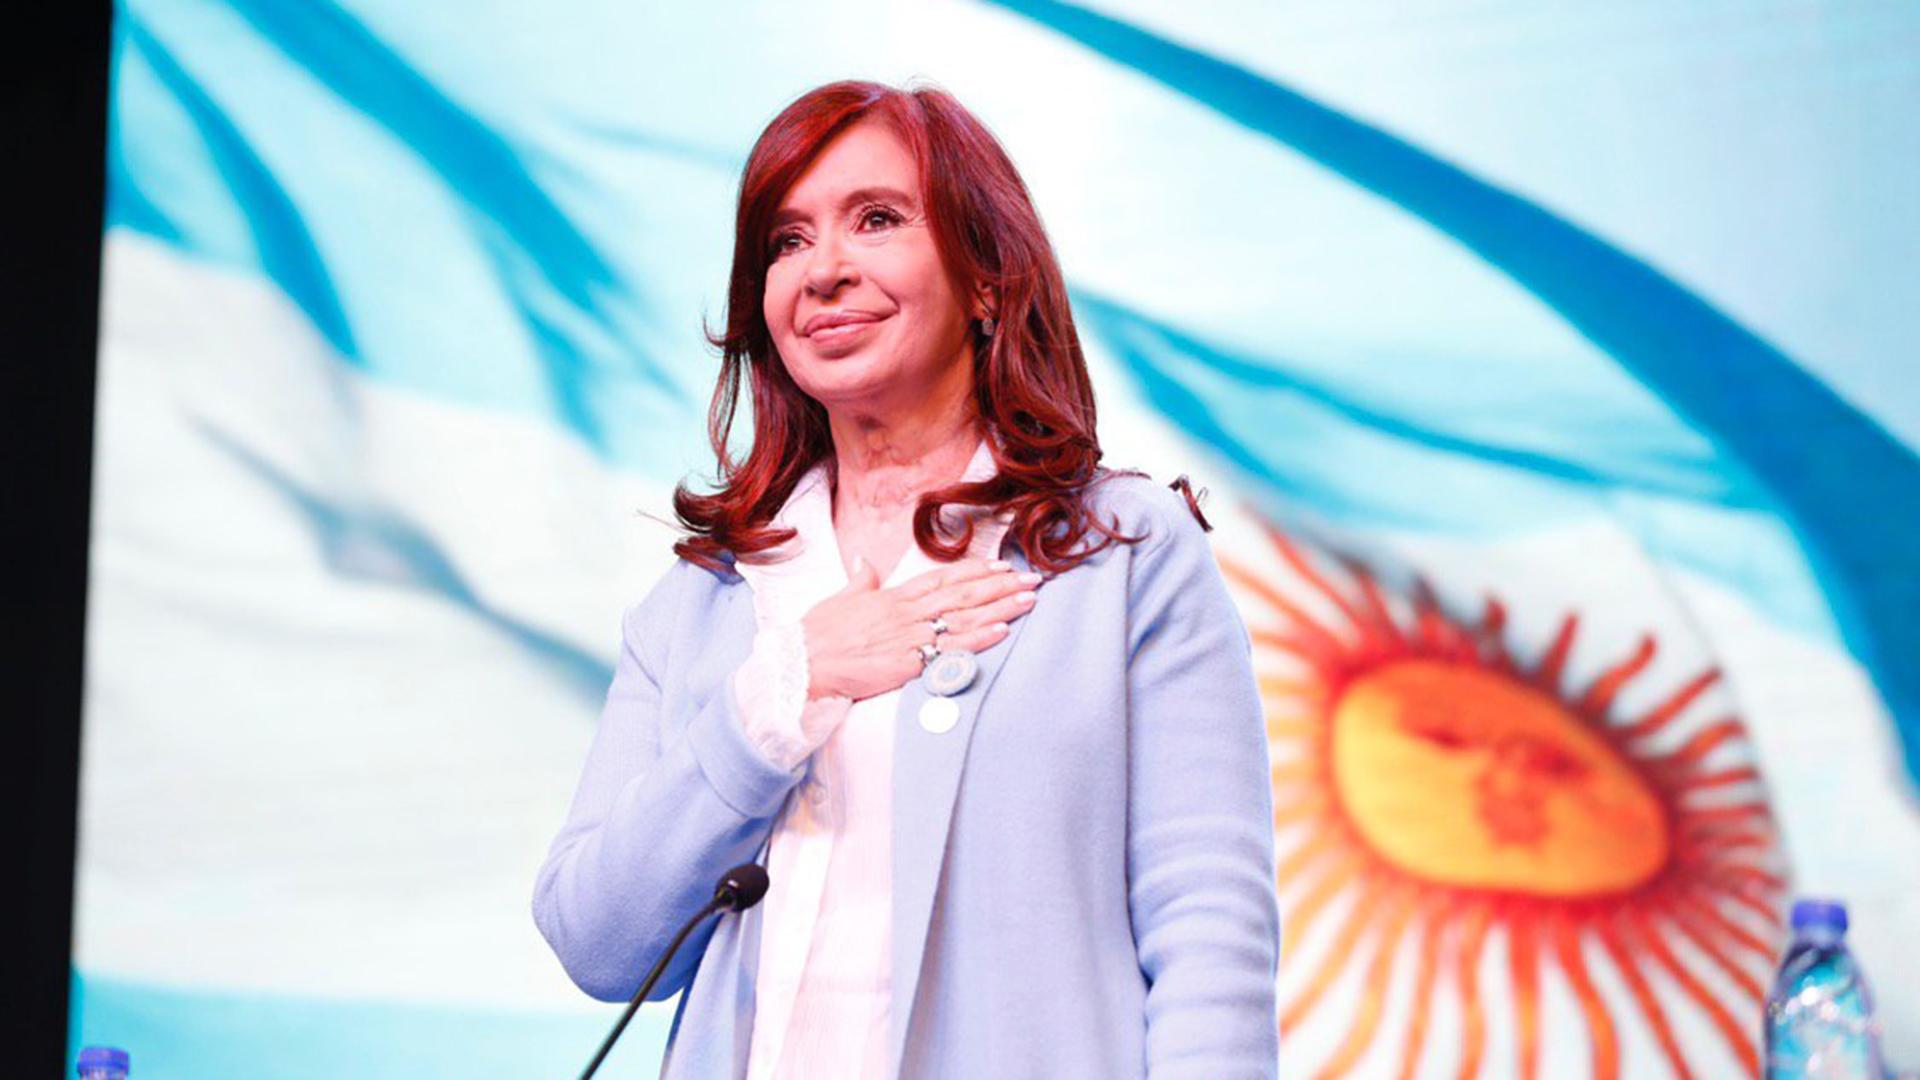 Tras su regreso de Cuba, Cristina Kirchner presenta su libro en Santa Cruz  en el lugar donde Néstor Kirchner dio su último discurso - Infobae